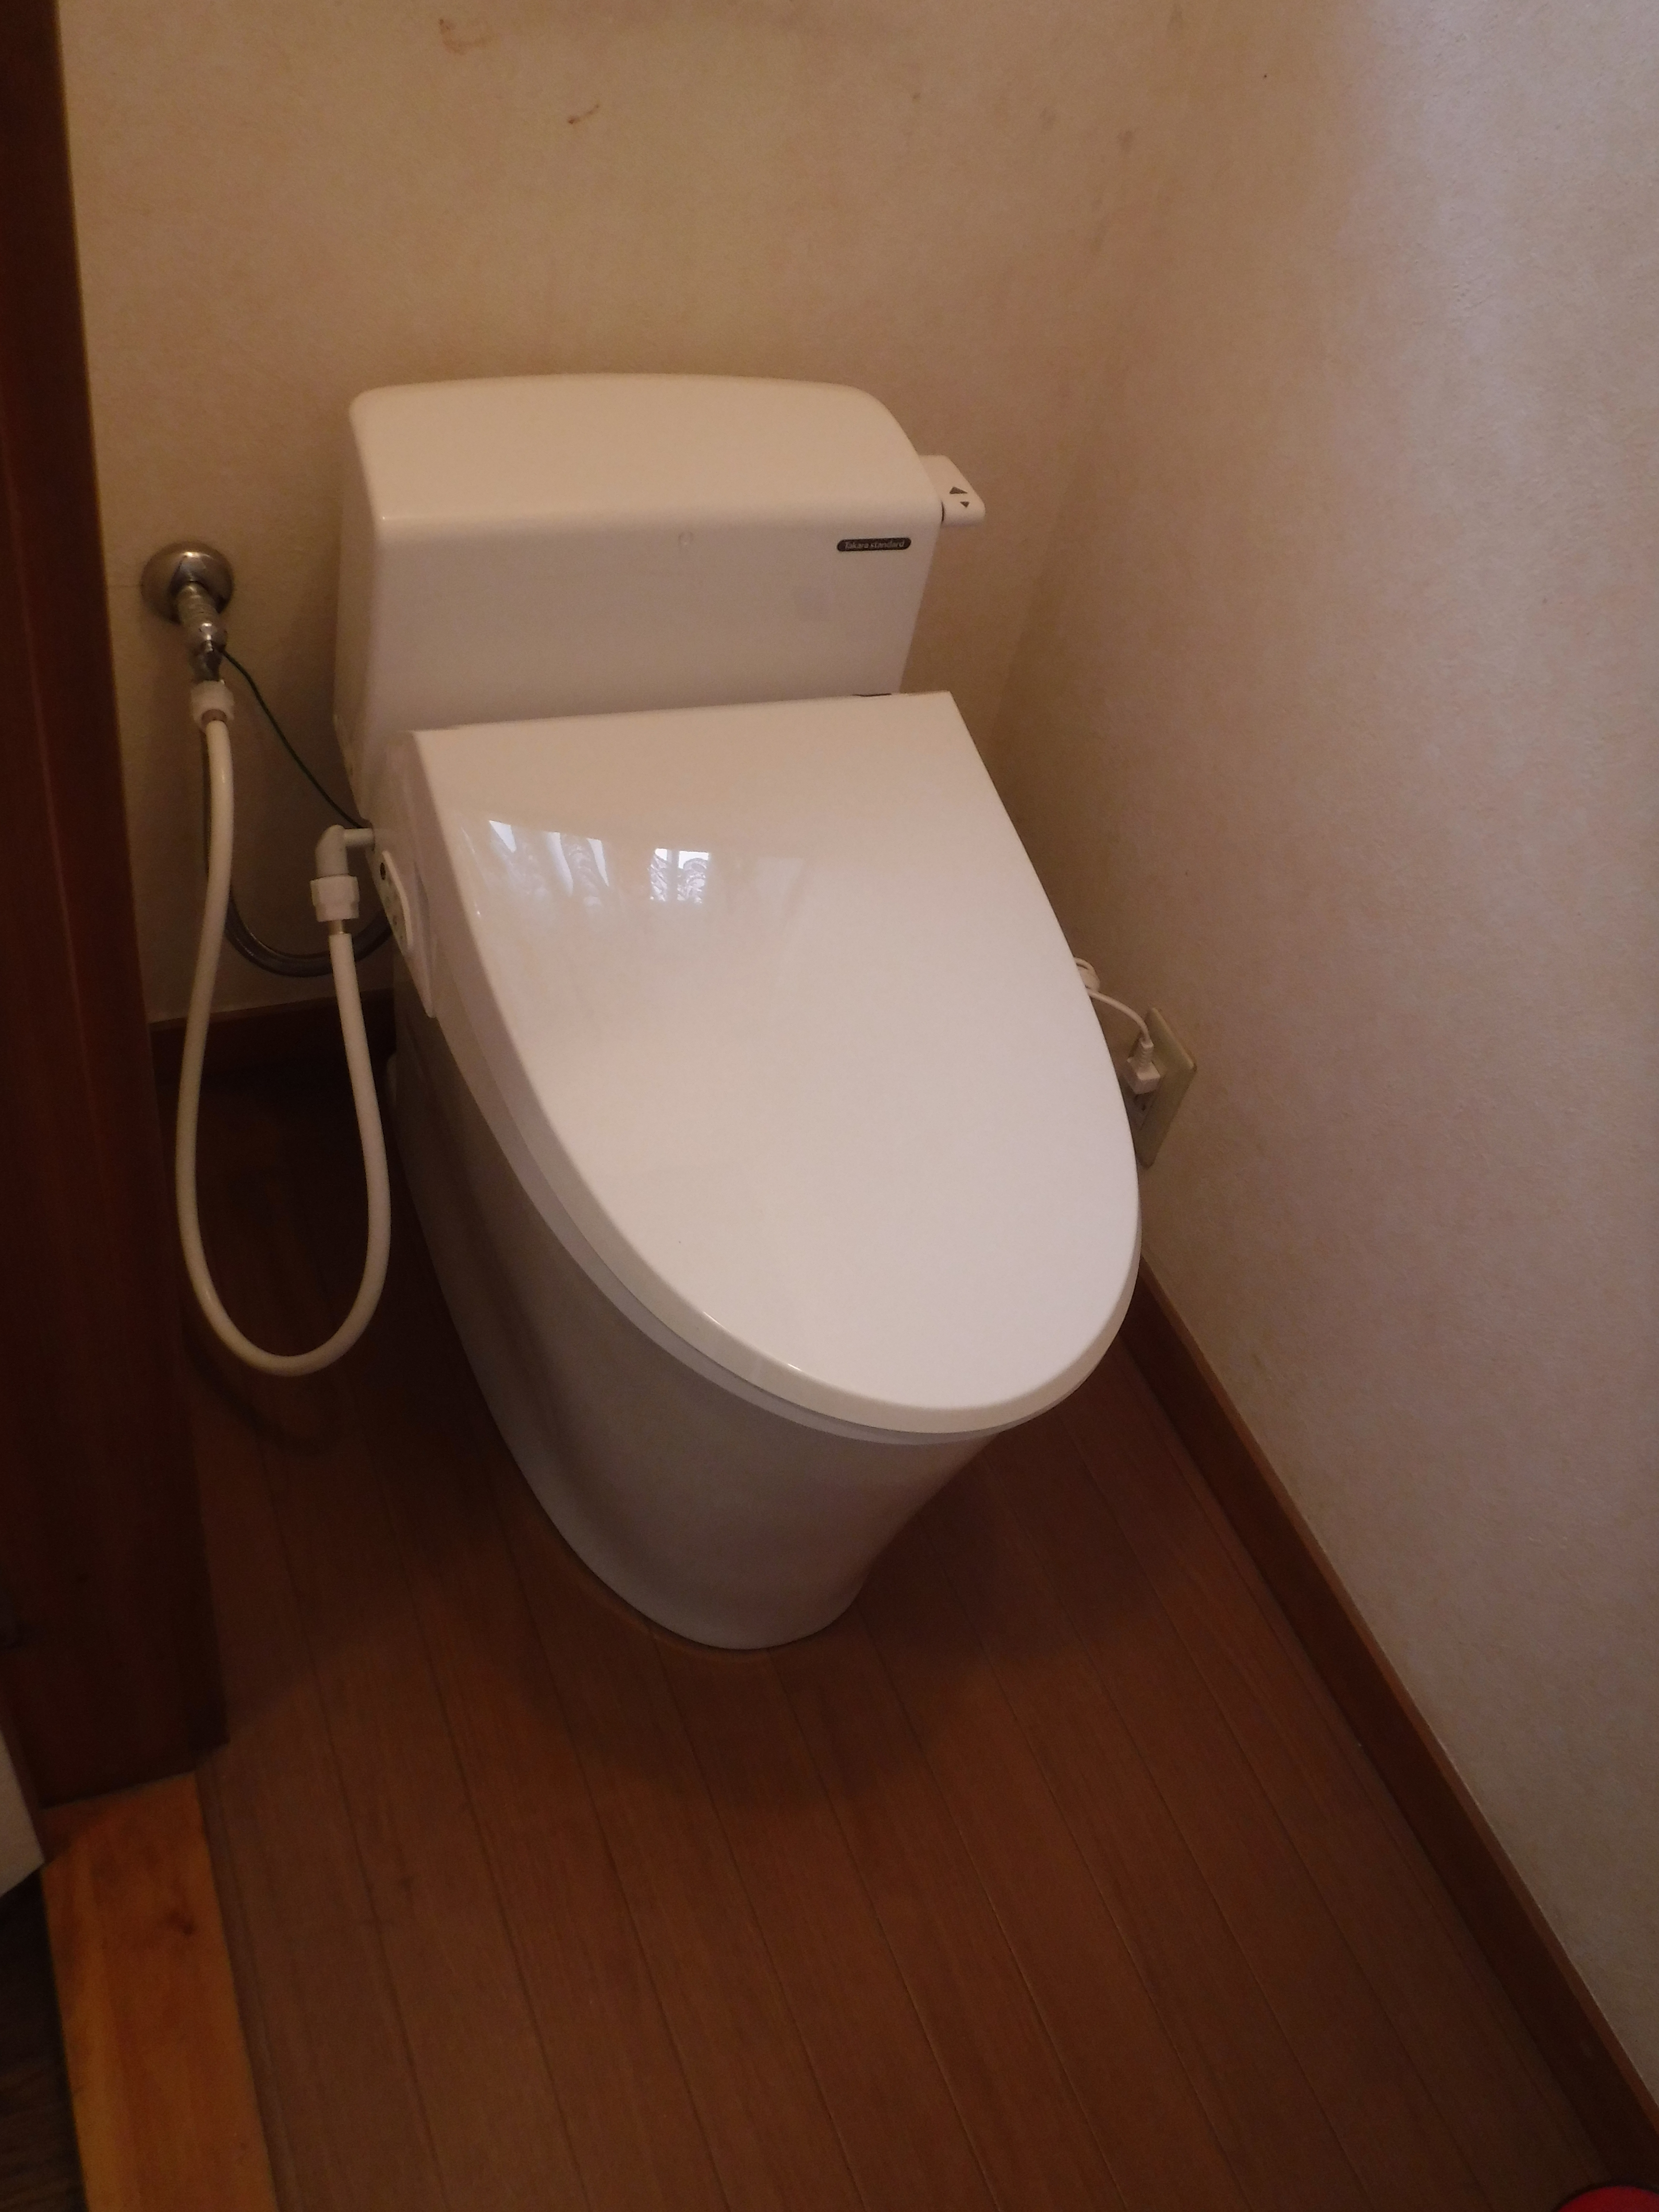 トイレのタンクが割れていて漏水・・・!! ティモニU